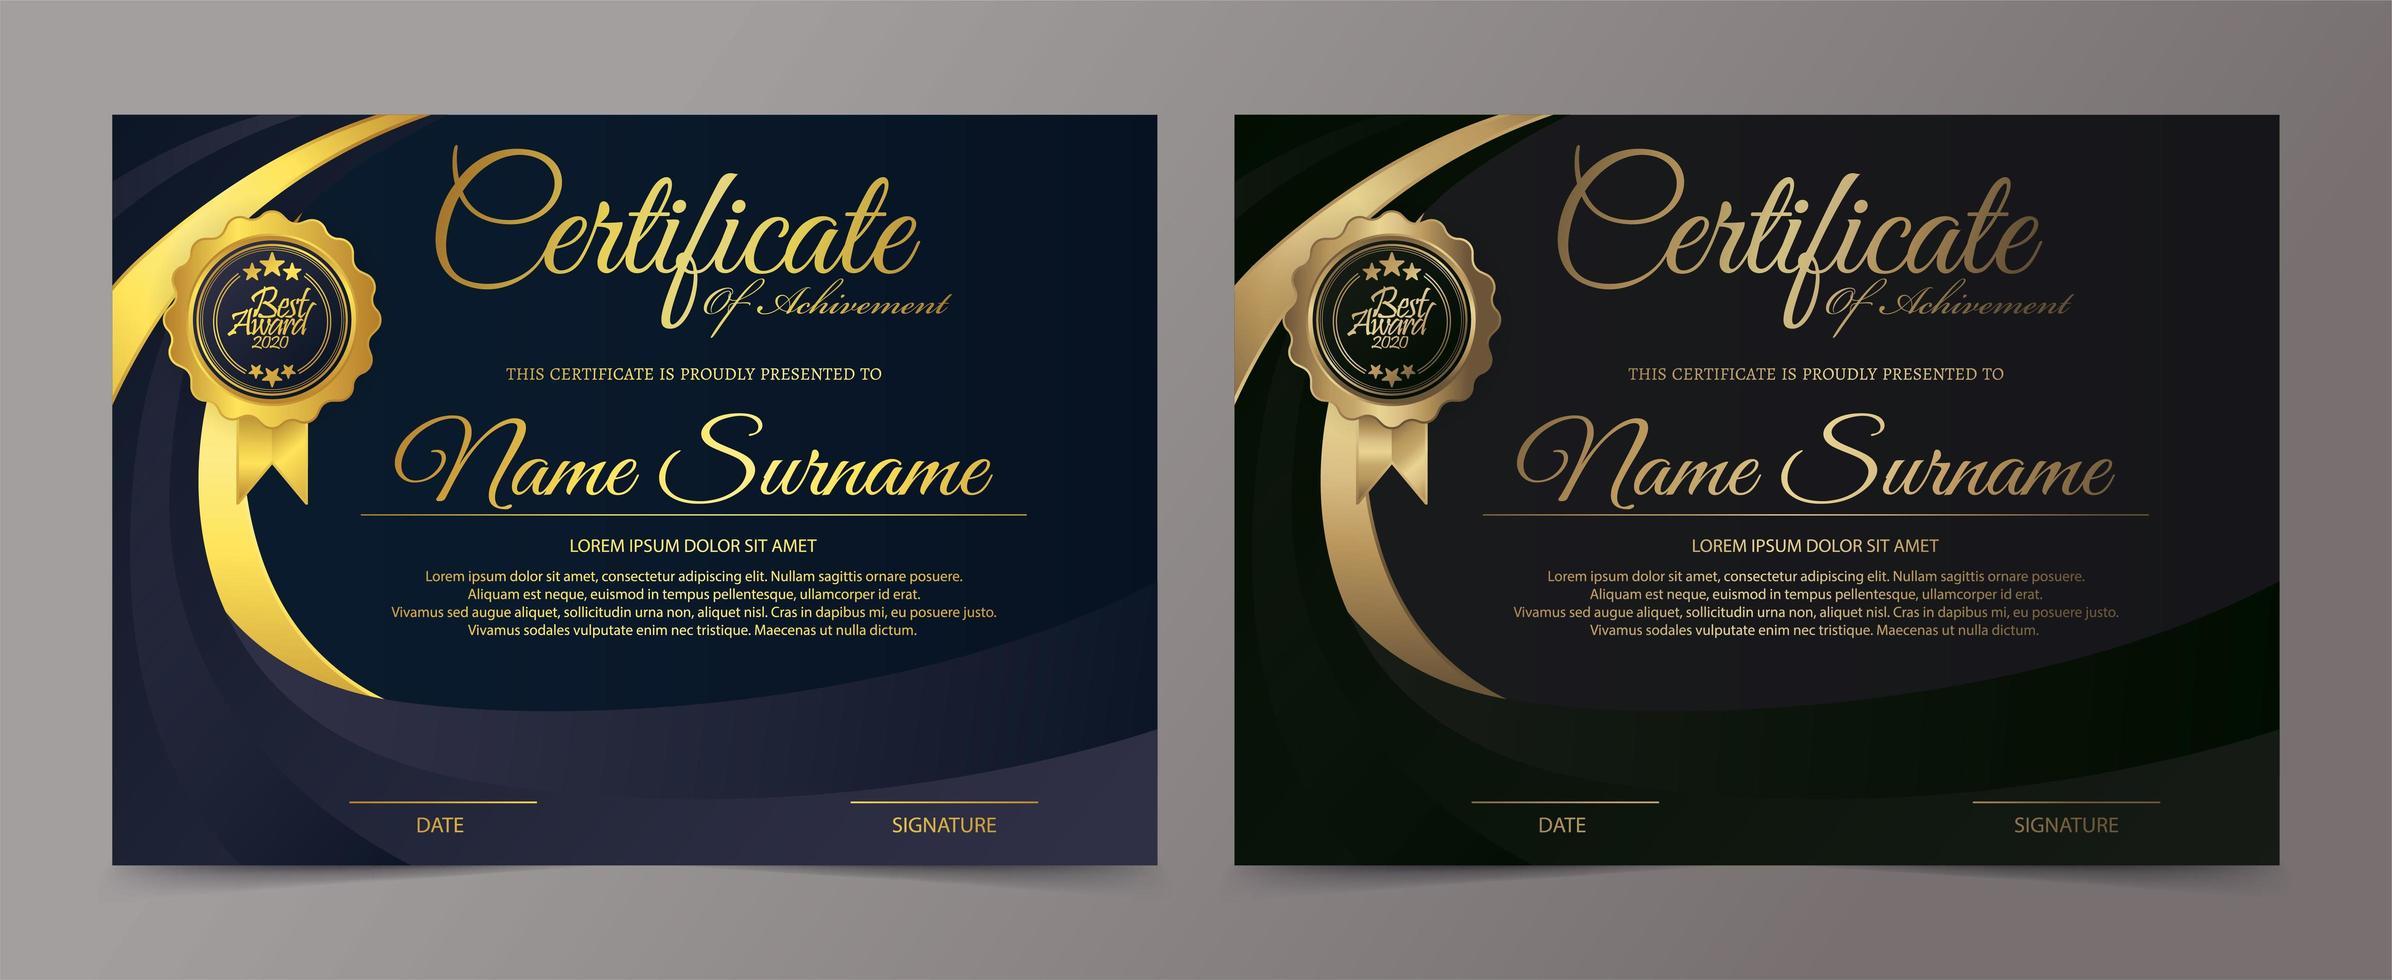 Schwarz-Gold-Zertifikat-Vorlagensatz vektor